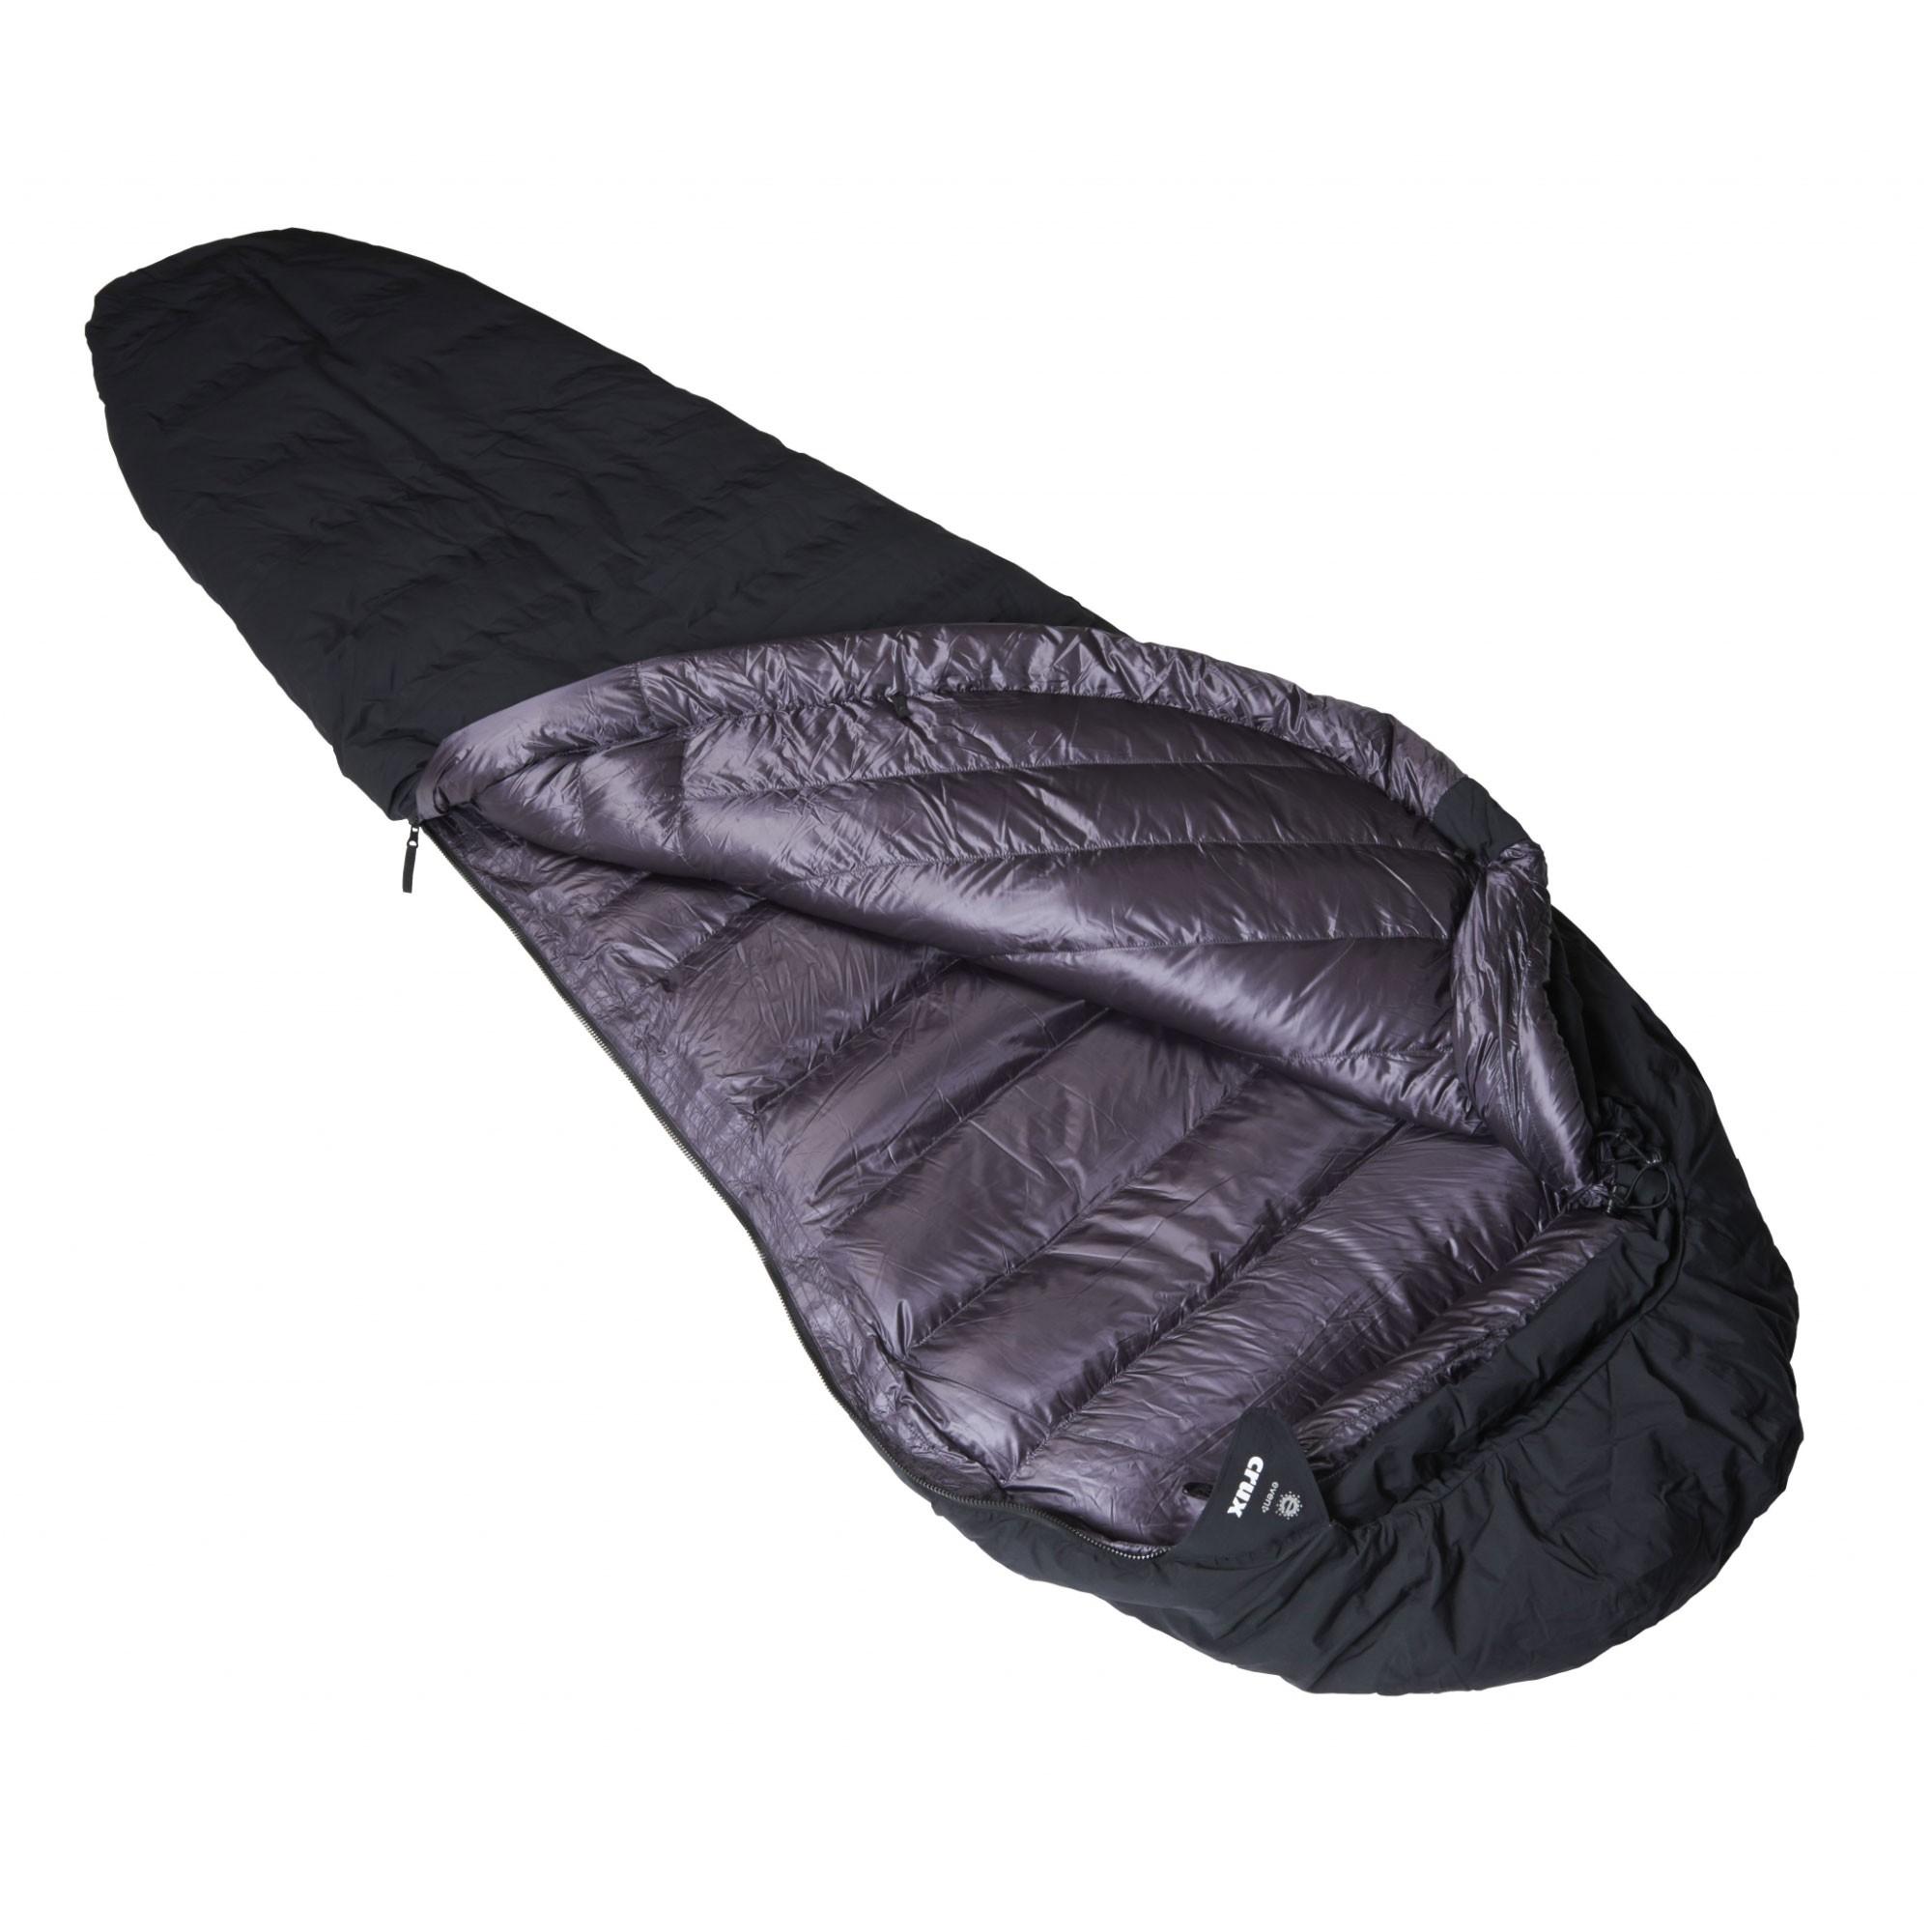 Crux Torpedo 350 Waterproof Down Sleeping Bag - Black/Anthracite